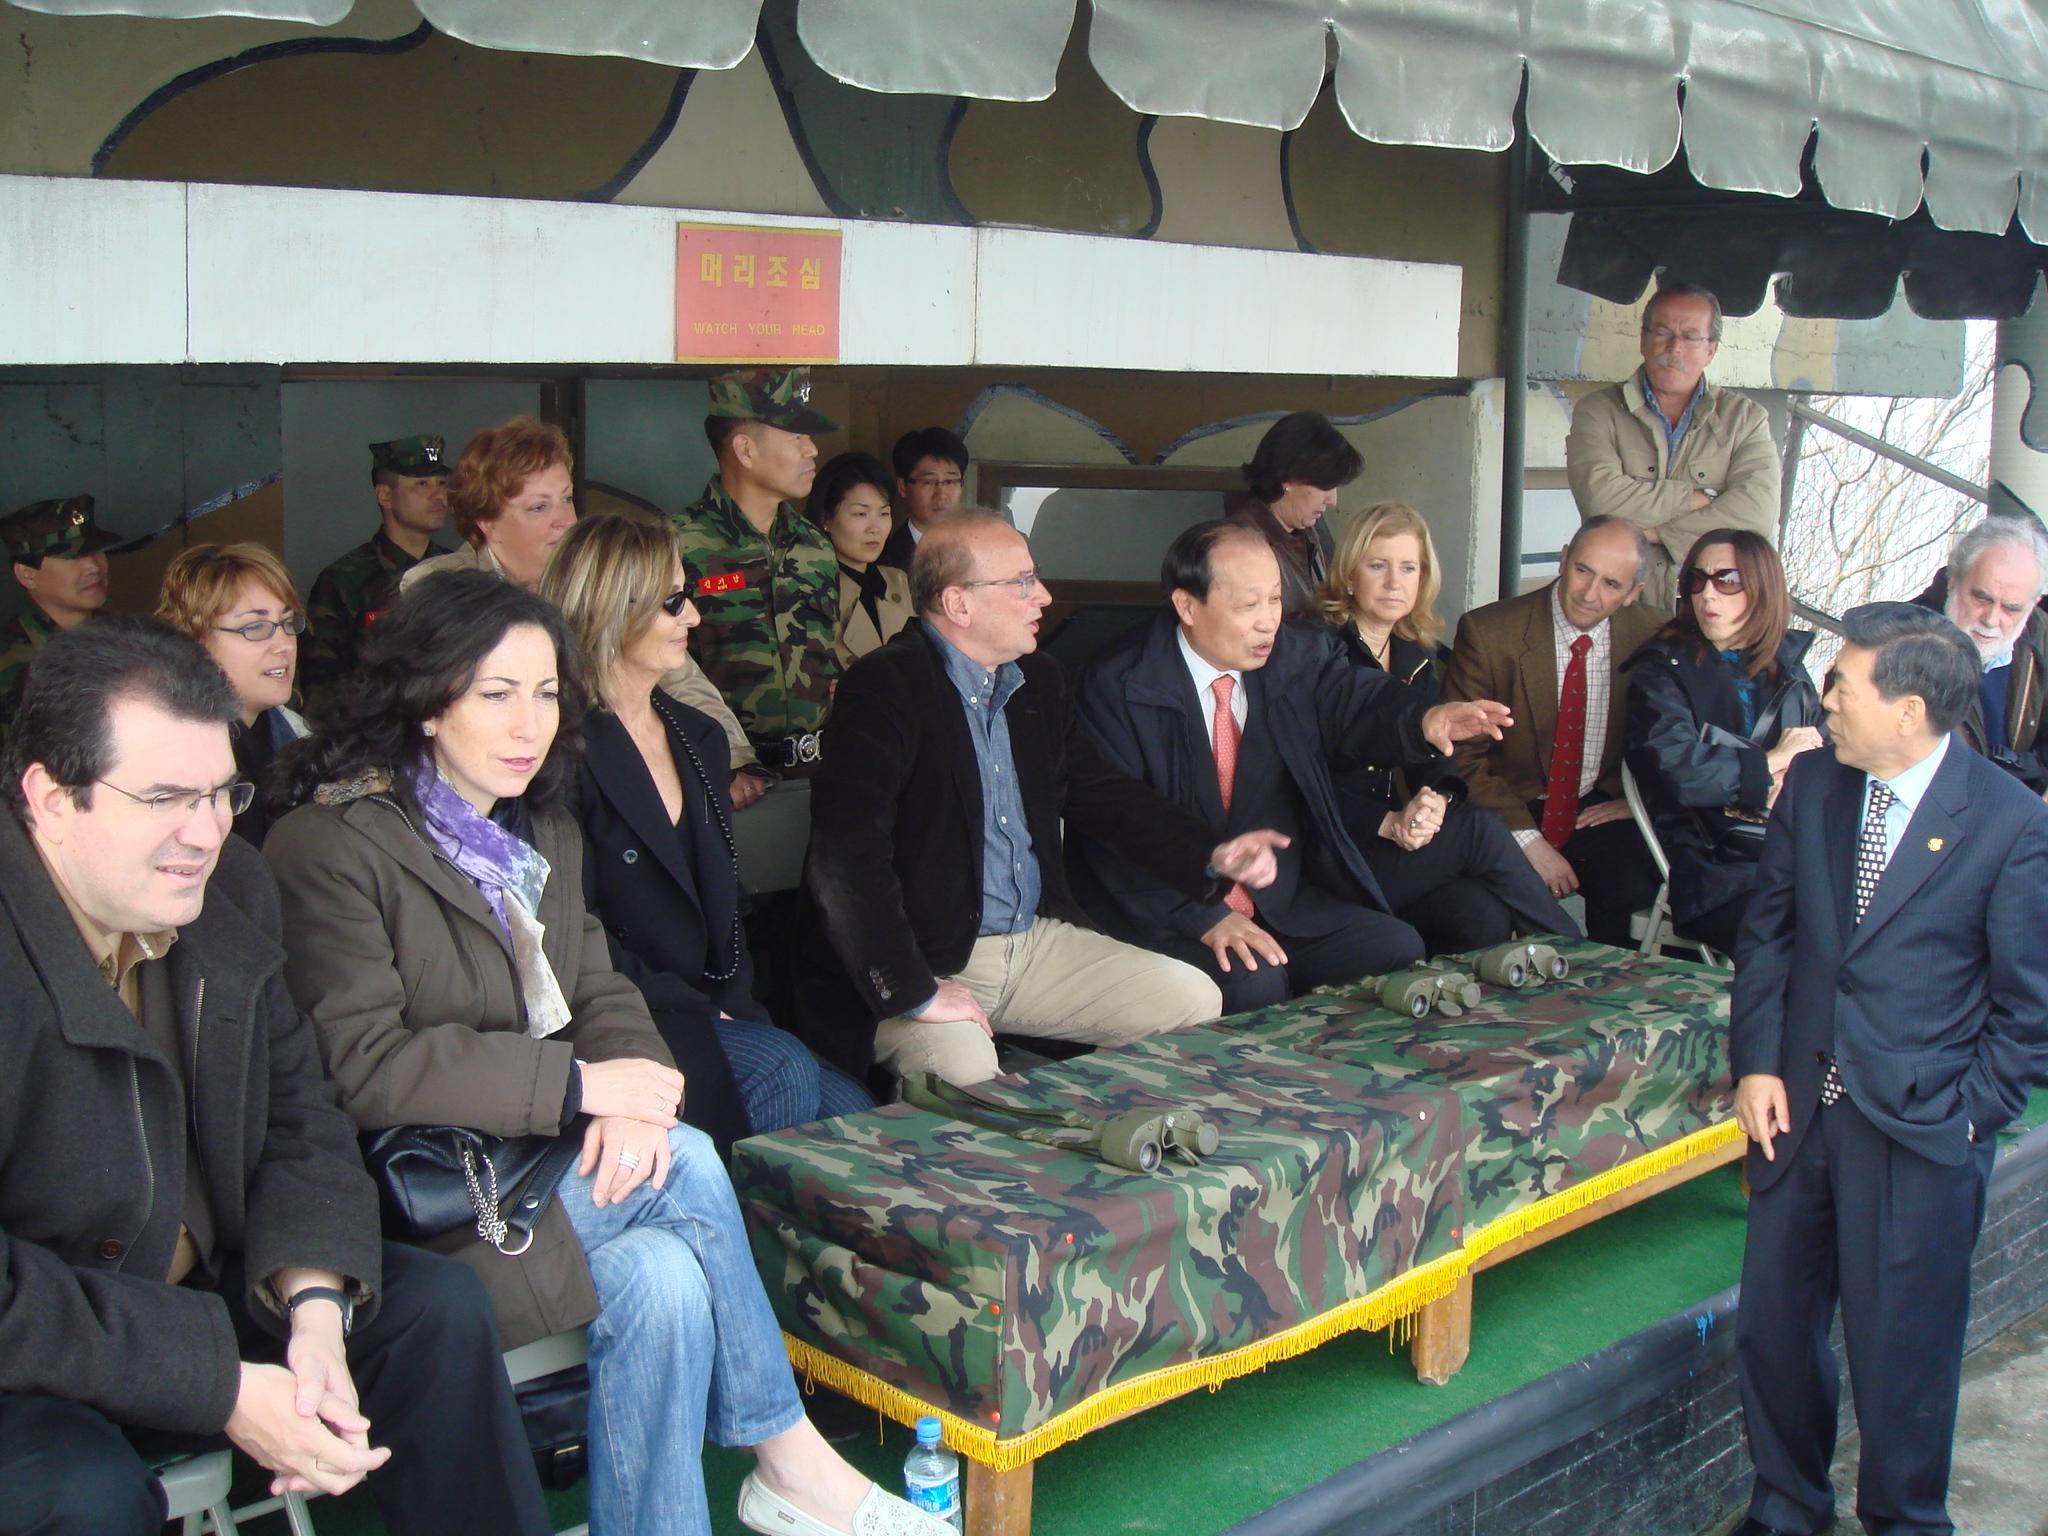 En el puesto fronterizo, mirando hacia Corea del Note. La explicación corre a cargo de Lee, actual presidente del País. Yo me encuentro a la derecha de la imagen, acompañado de Begoña Lasagabaster, con gafas.